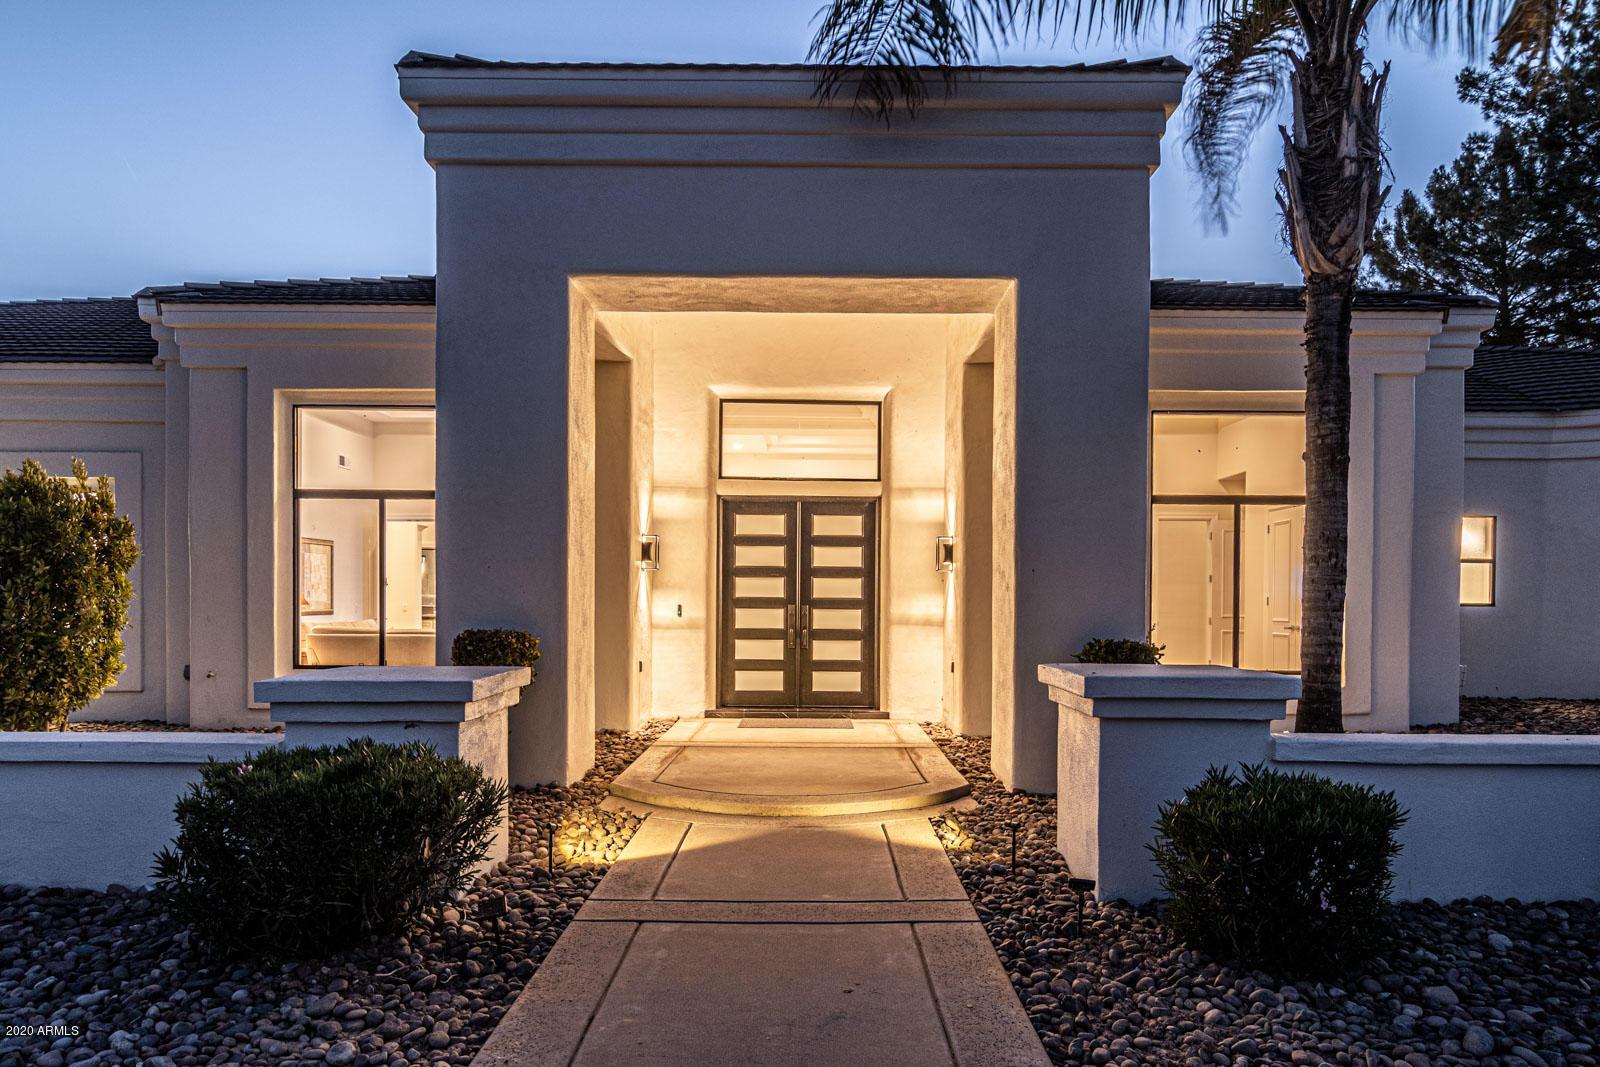 9440 N 57th Street, Paradise Valley AZ 85253 - Photo 2